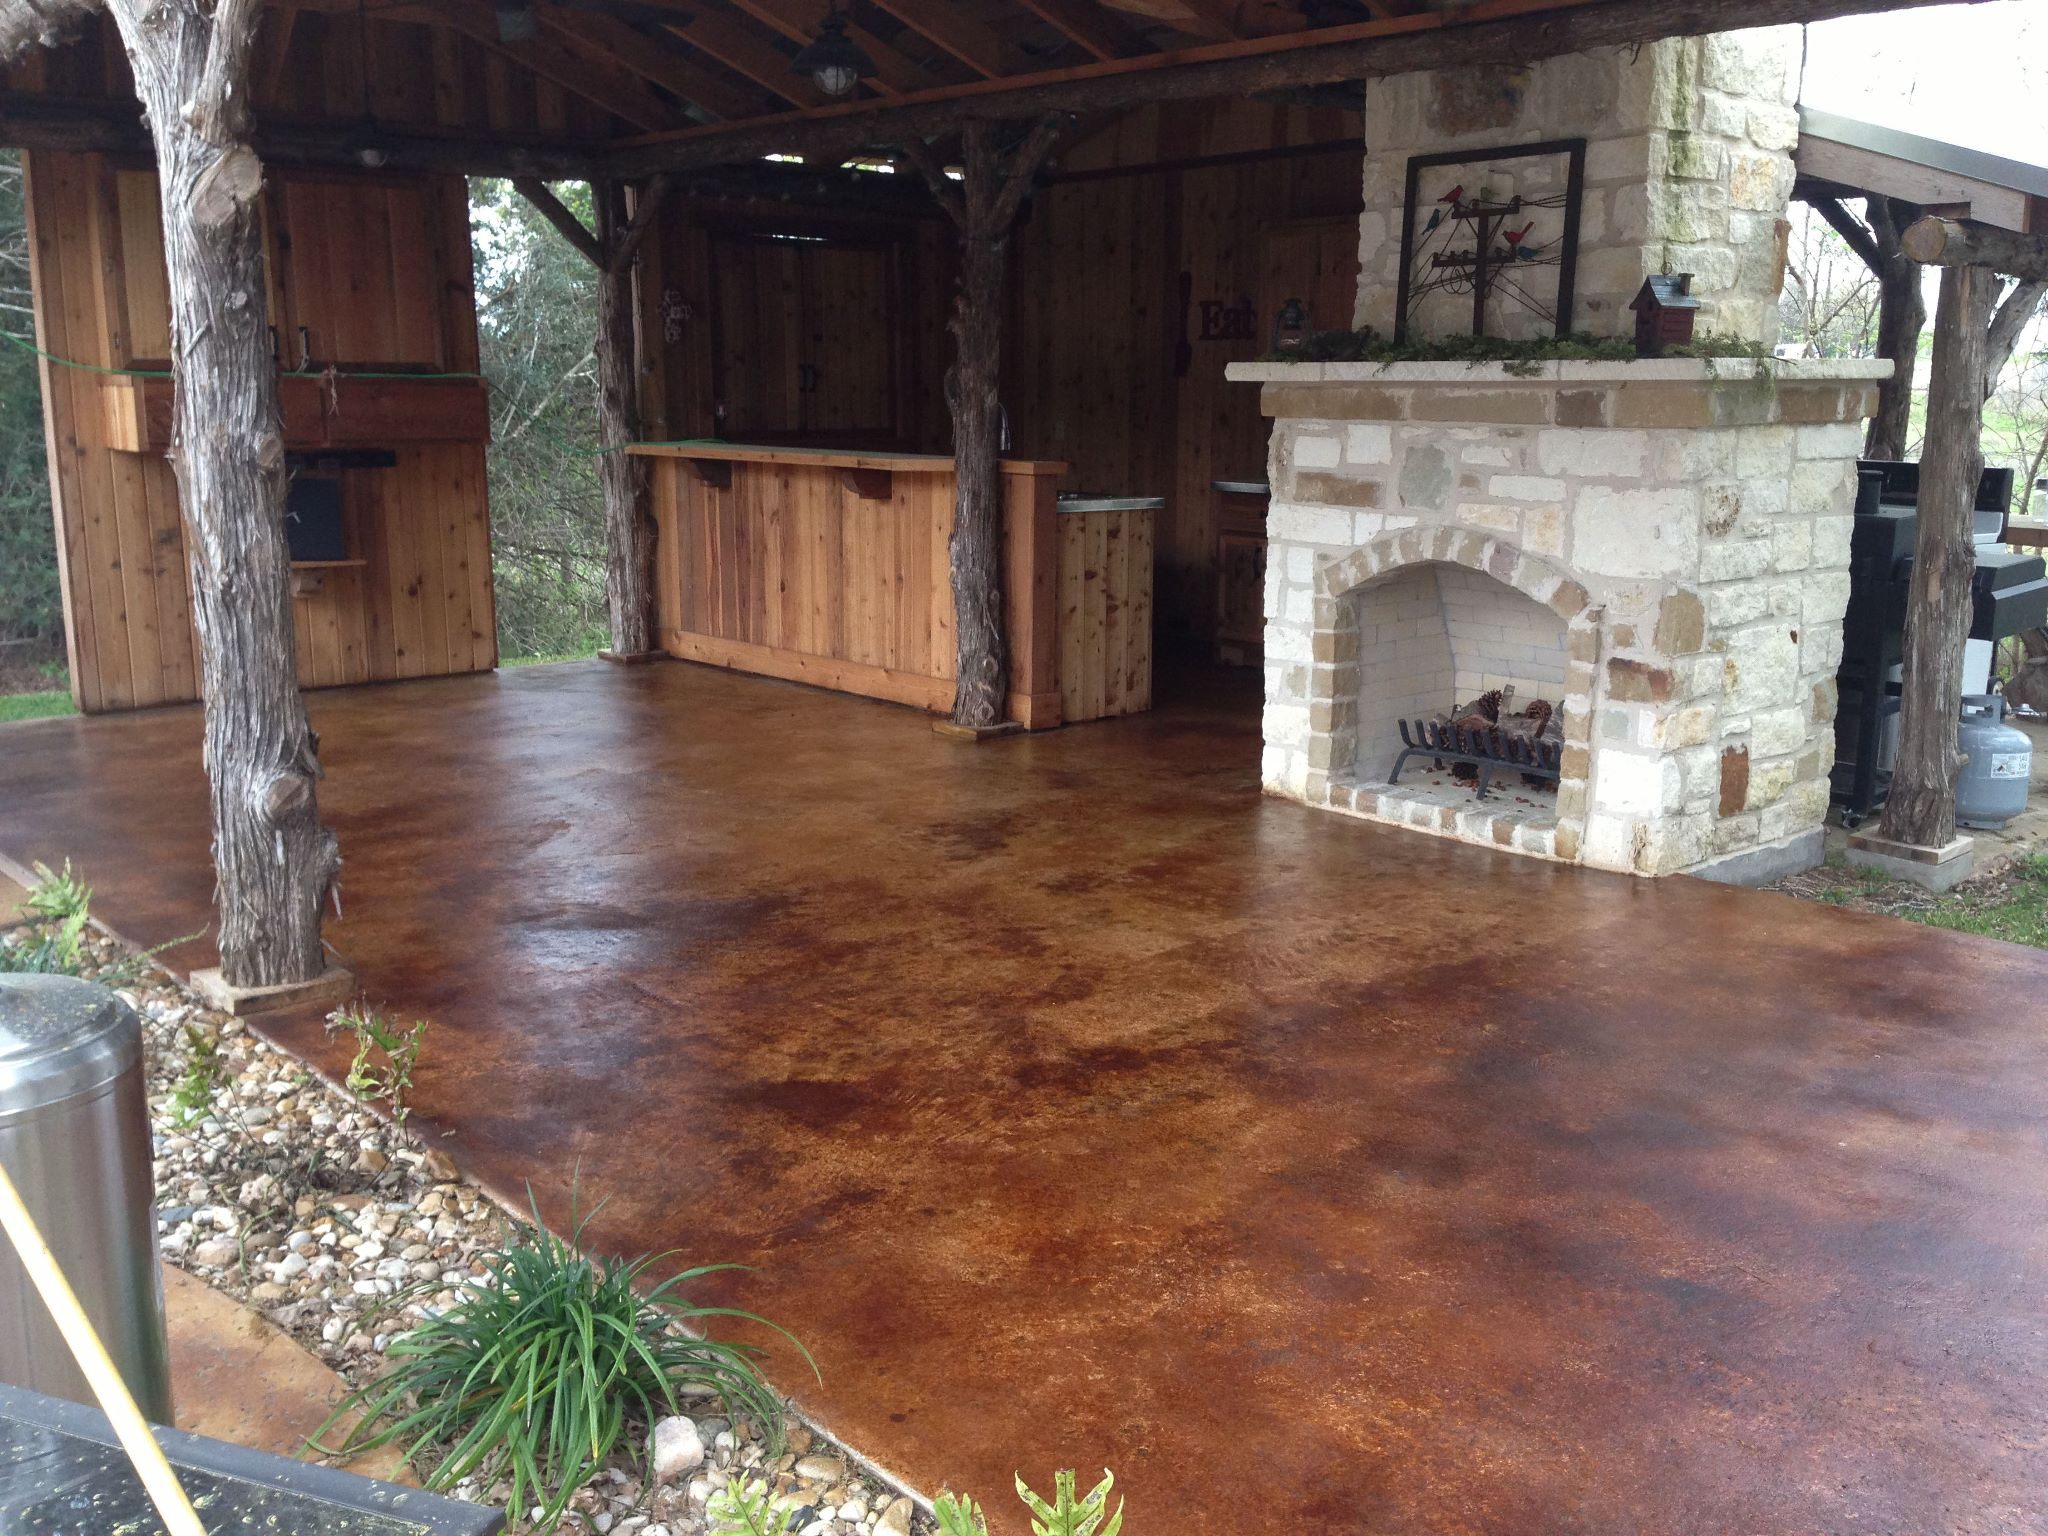 Staining Concrete Back Porch Porches Ideas